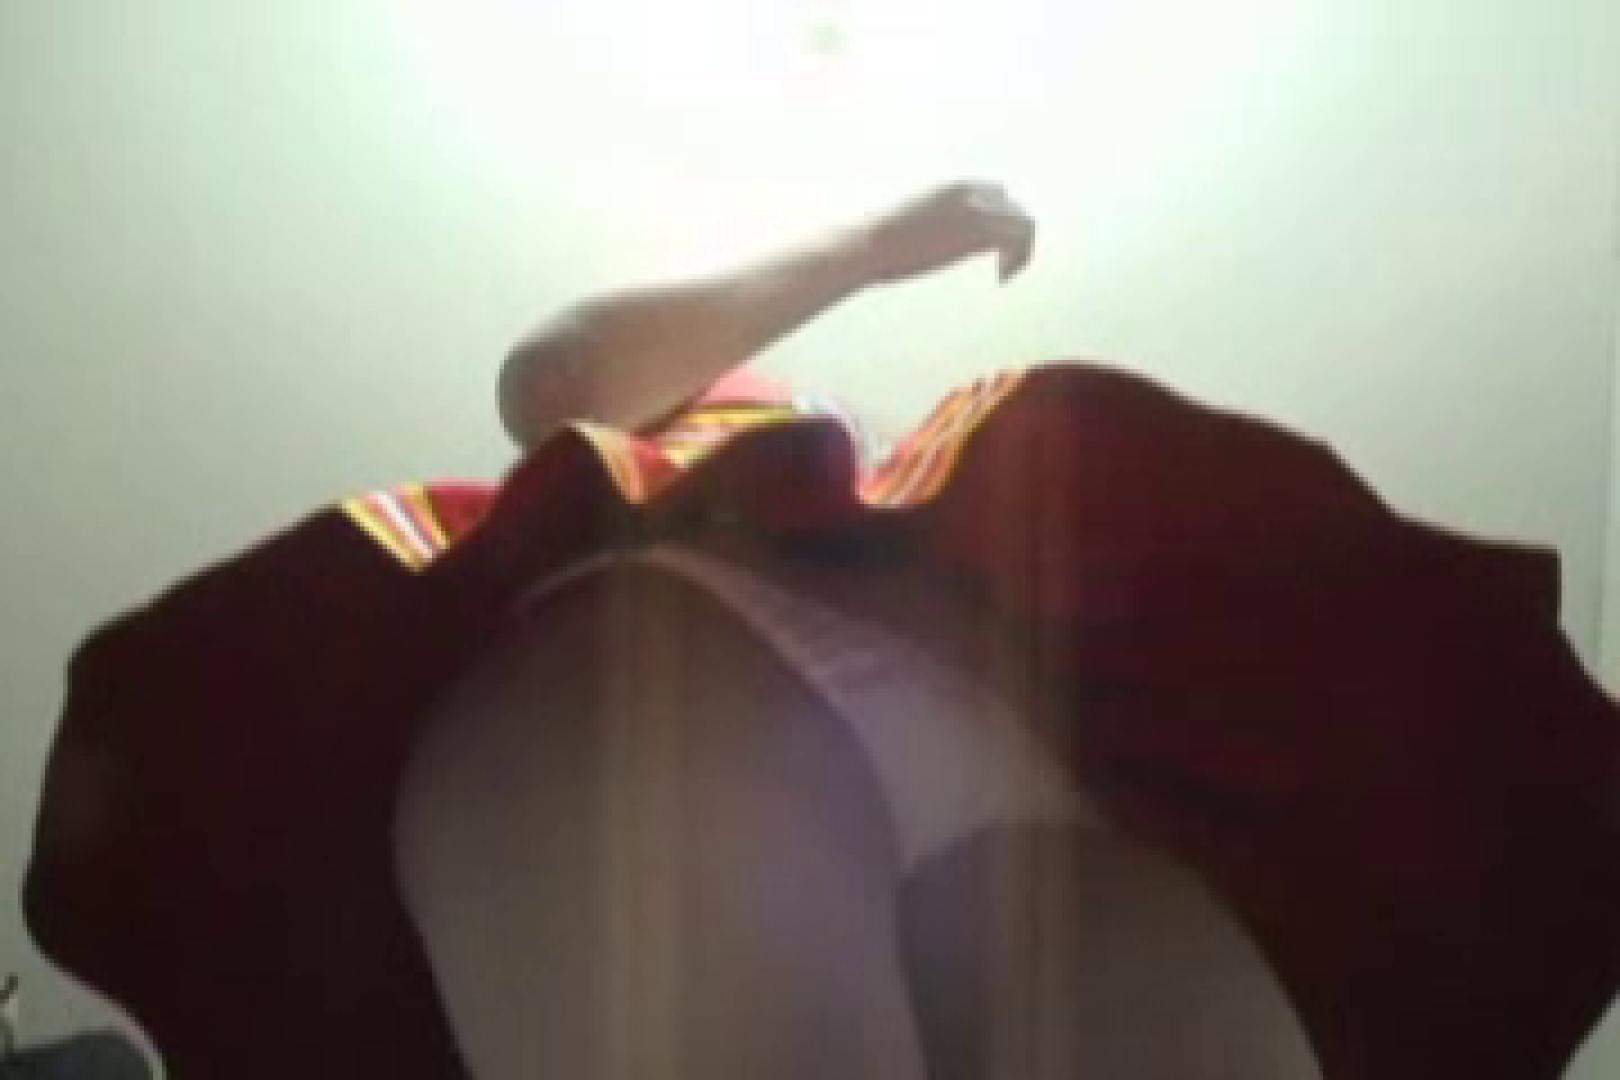 パンツ売りの女の子 ゆづきちゃんvol.2 シックスナイン | OLのエッチ  112pic 88